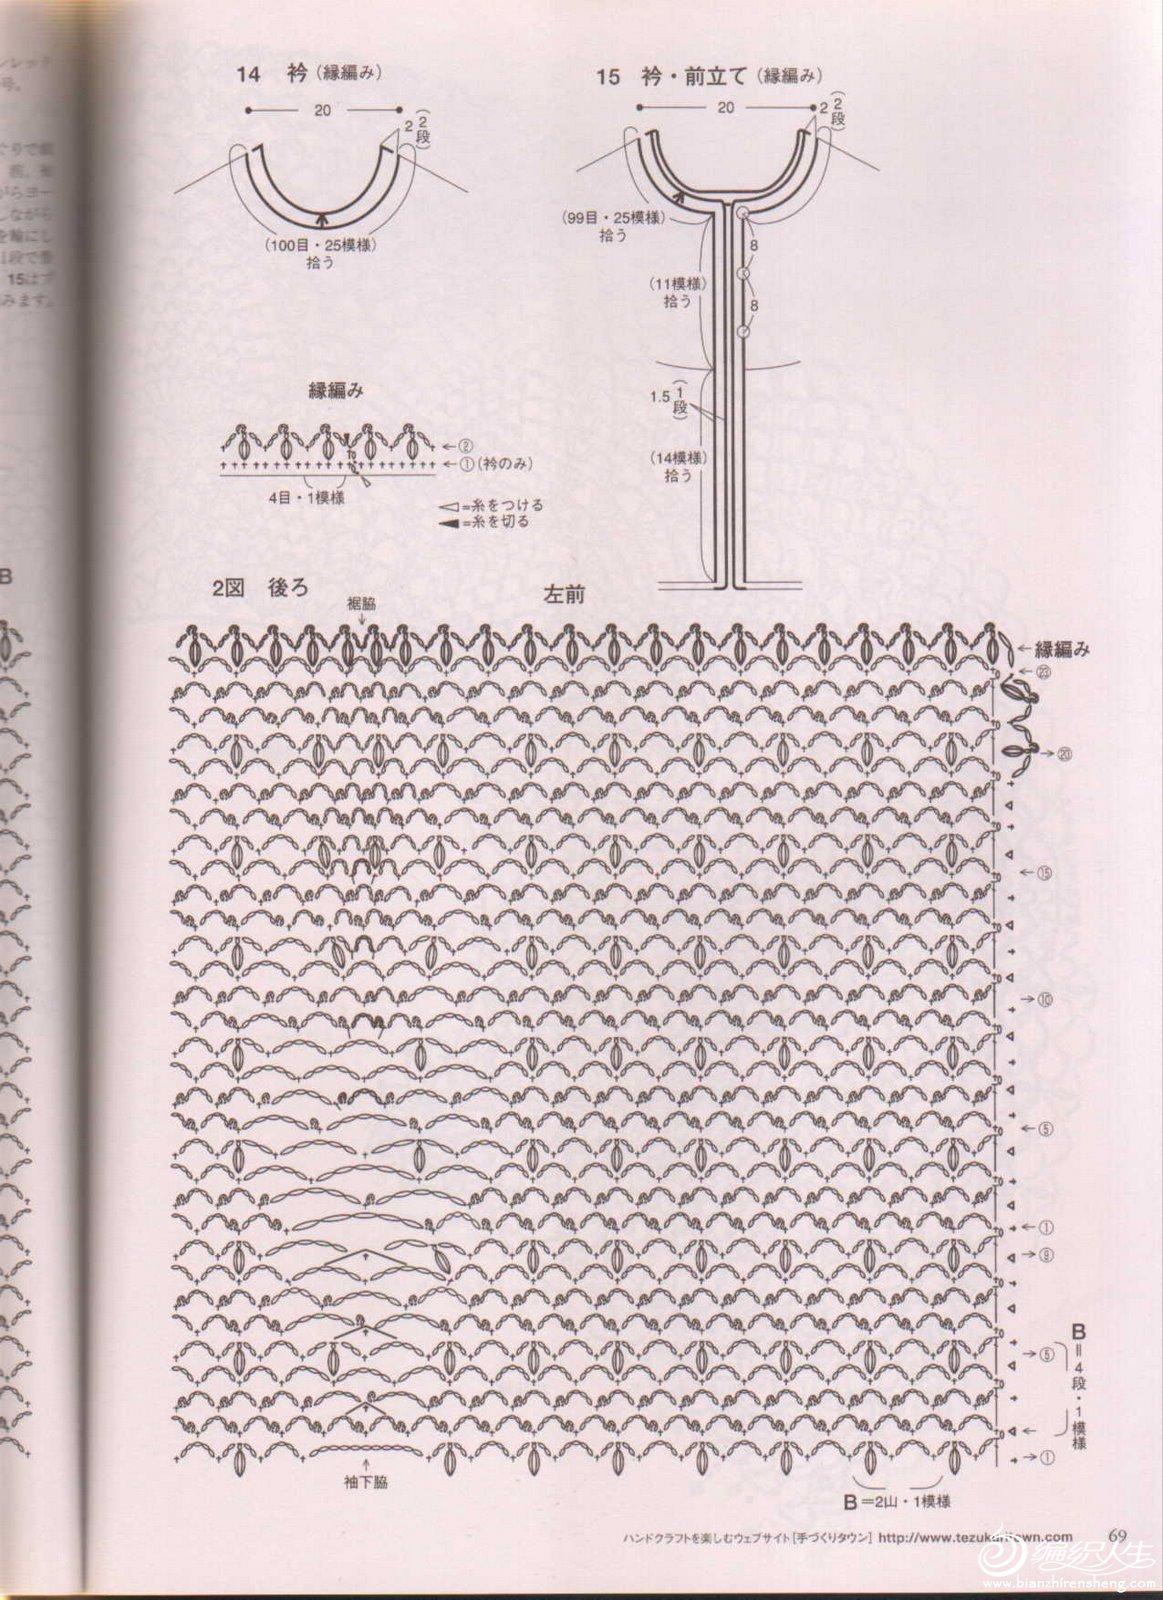 069.jpg